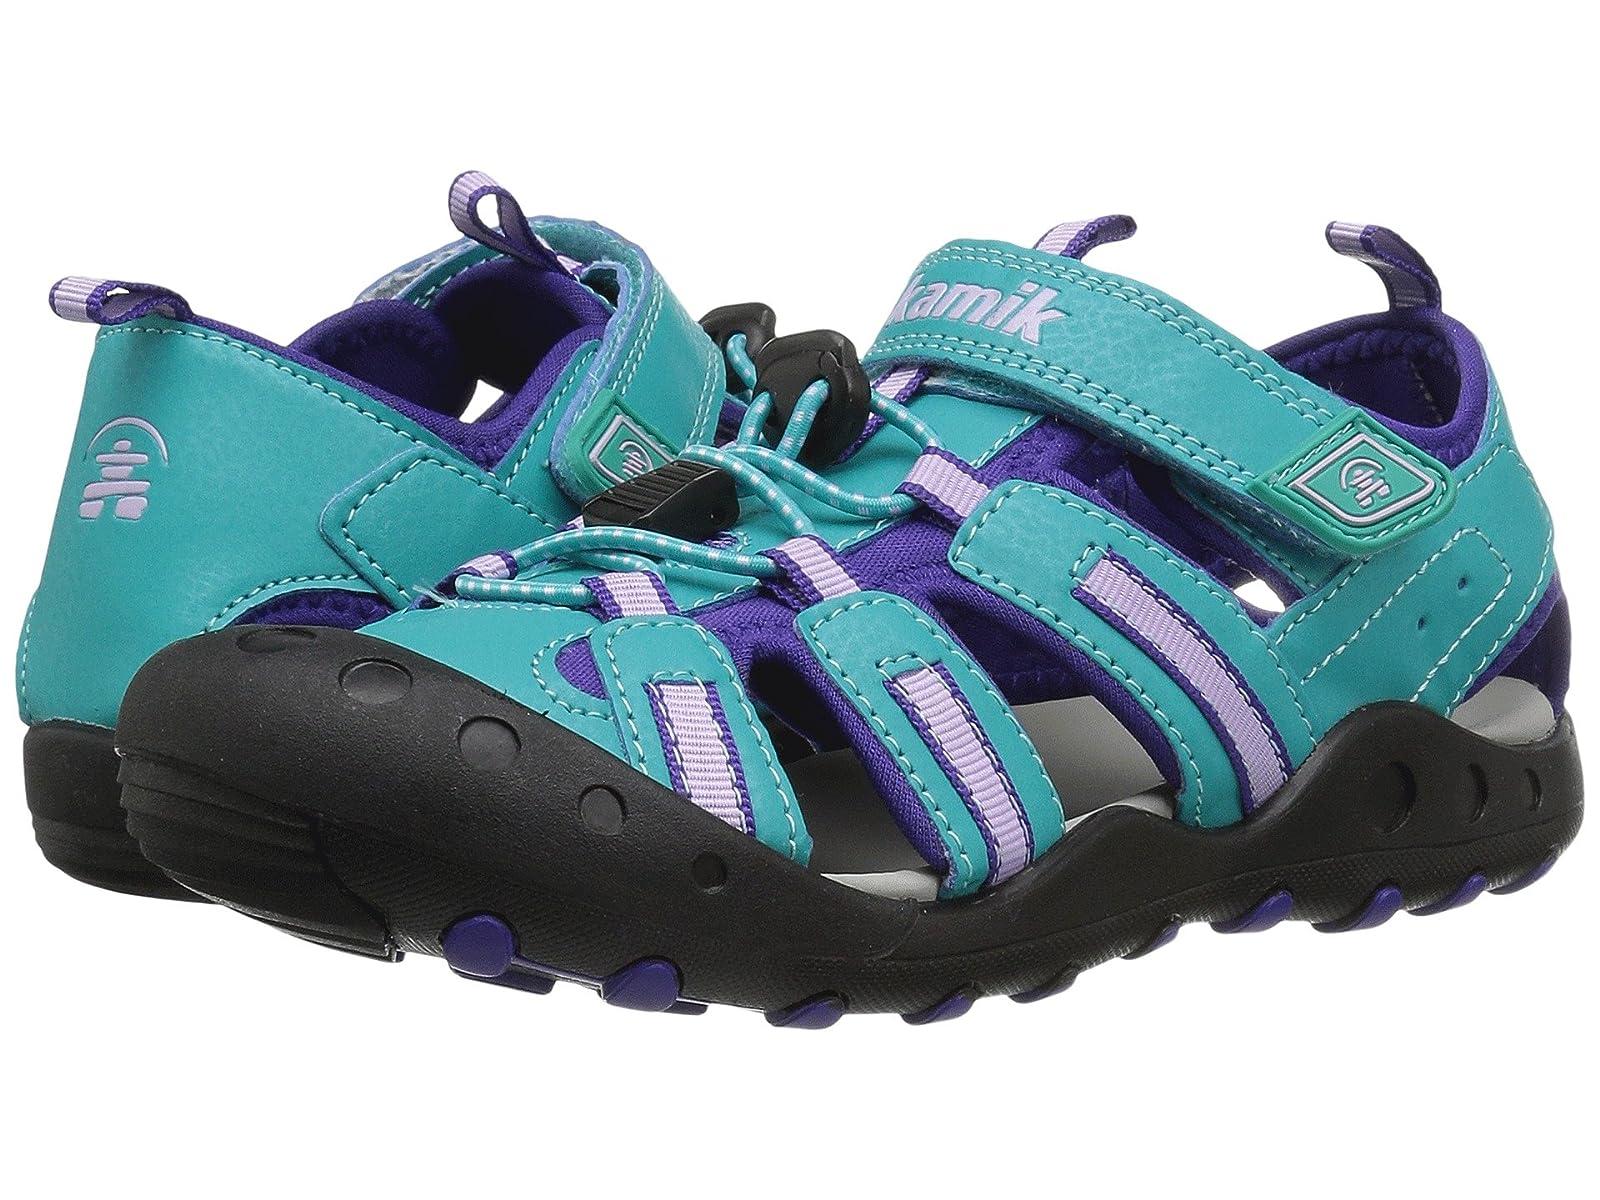 Kamik Kids Crab (Toddler/Little Kid/Big Kid)Atmospheric grades have affordable shoes